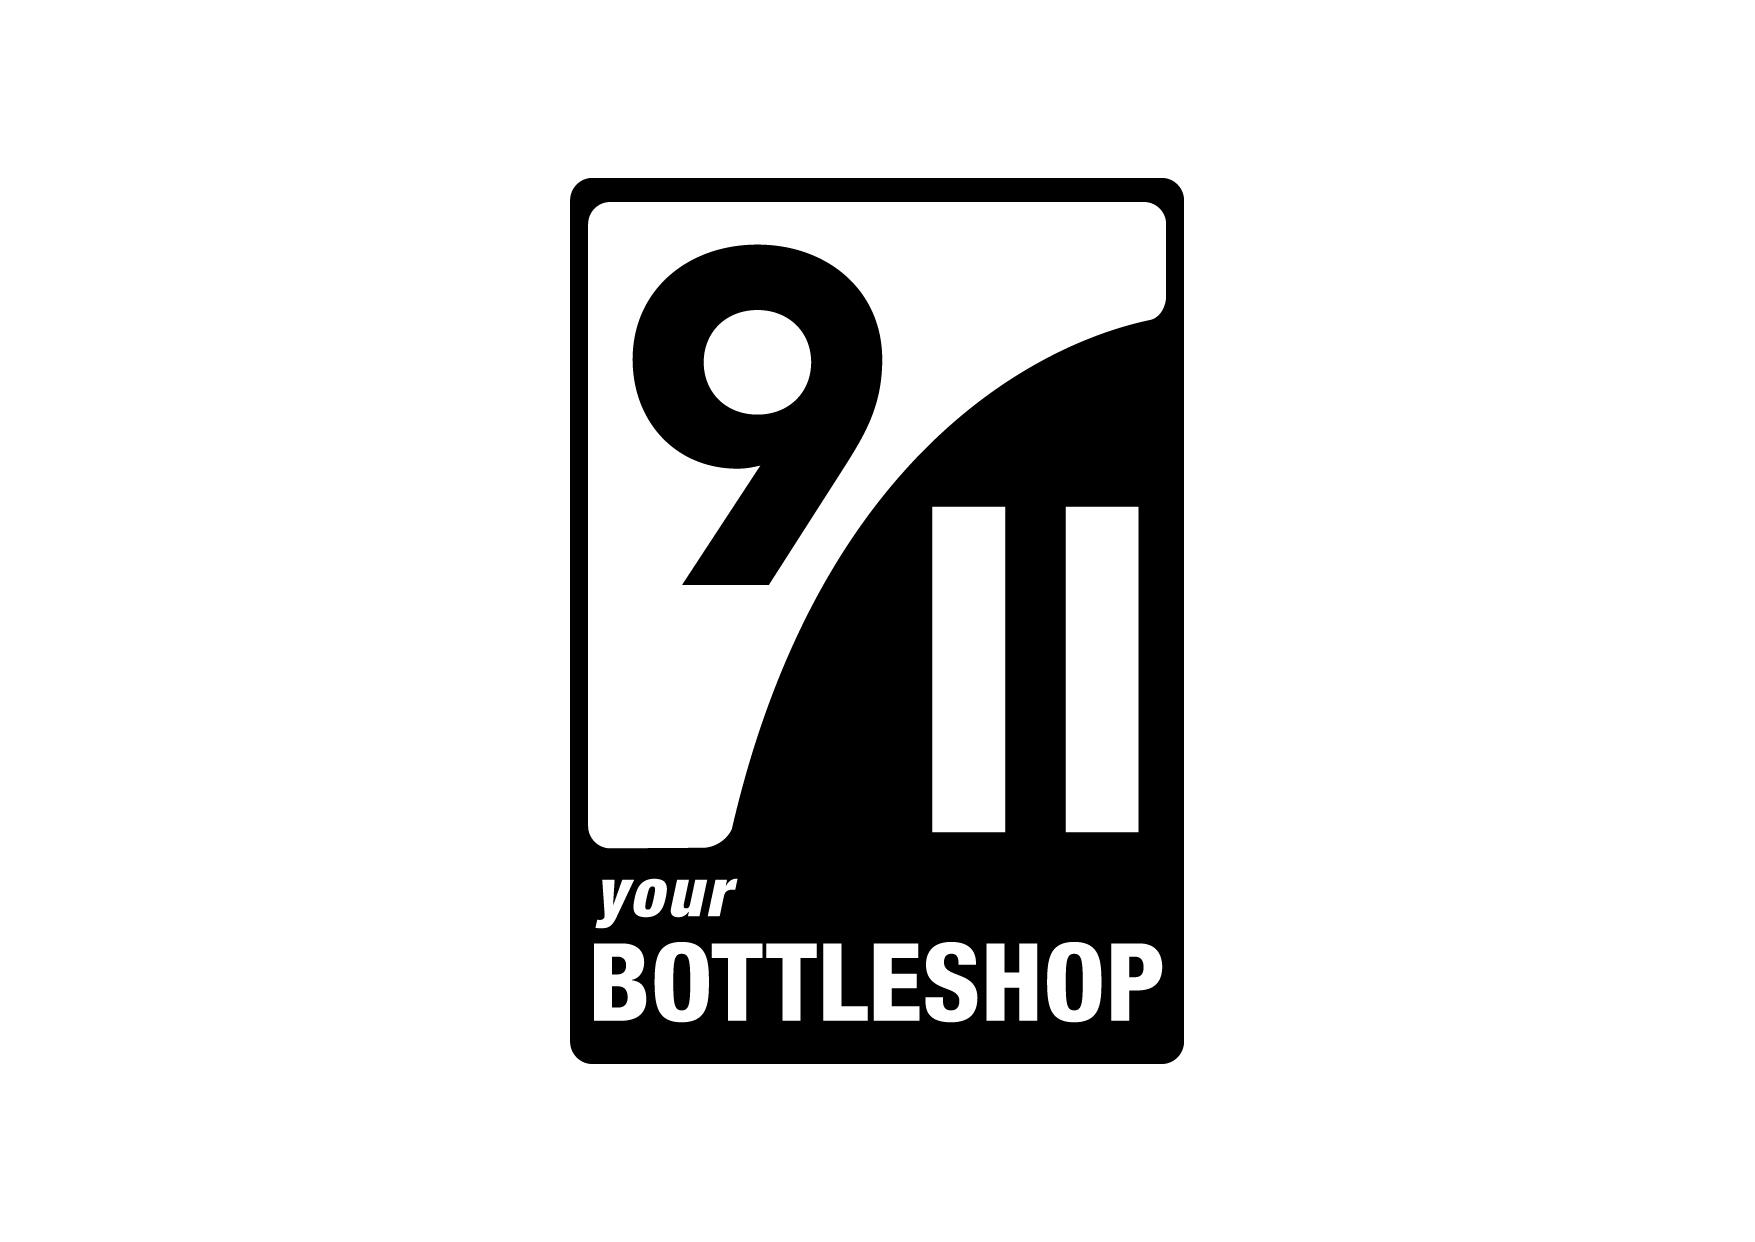 9/11 Bottleshops